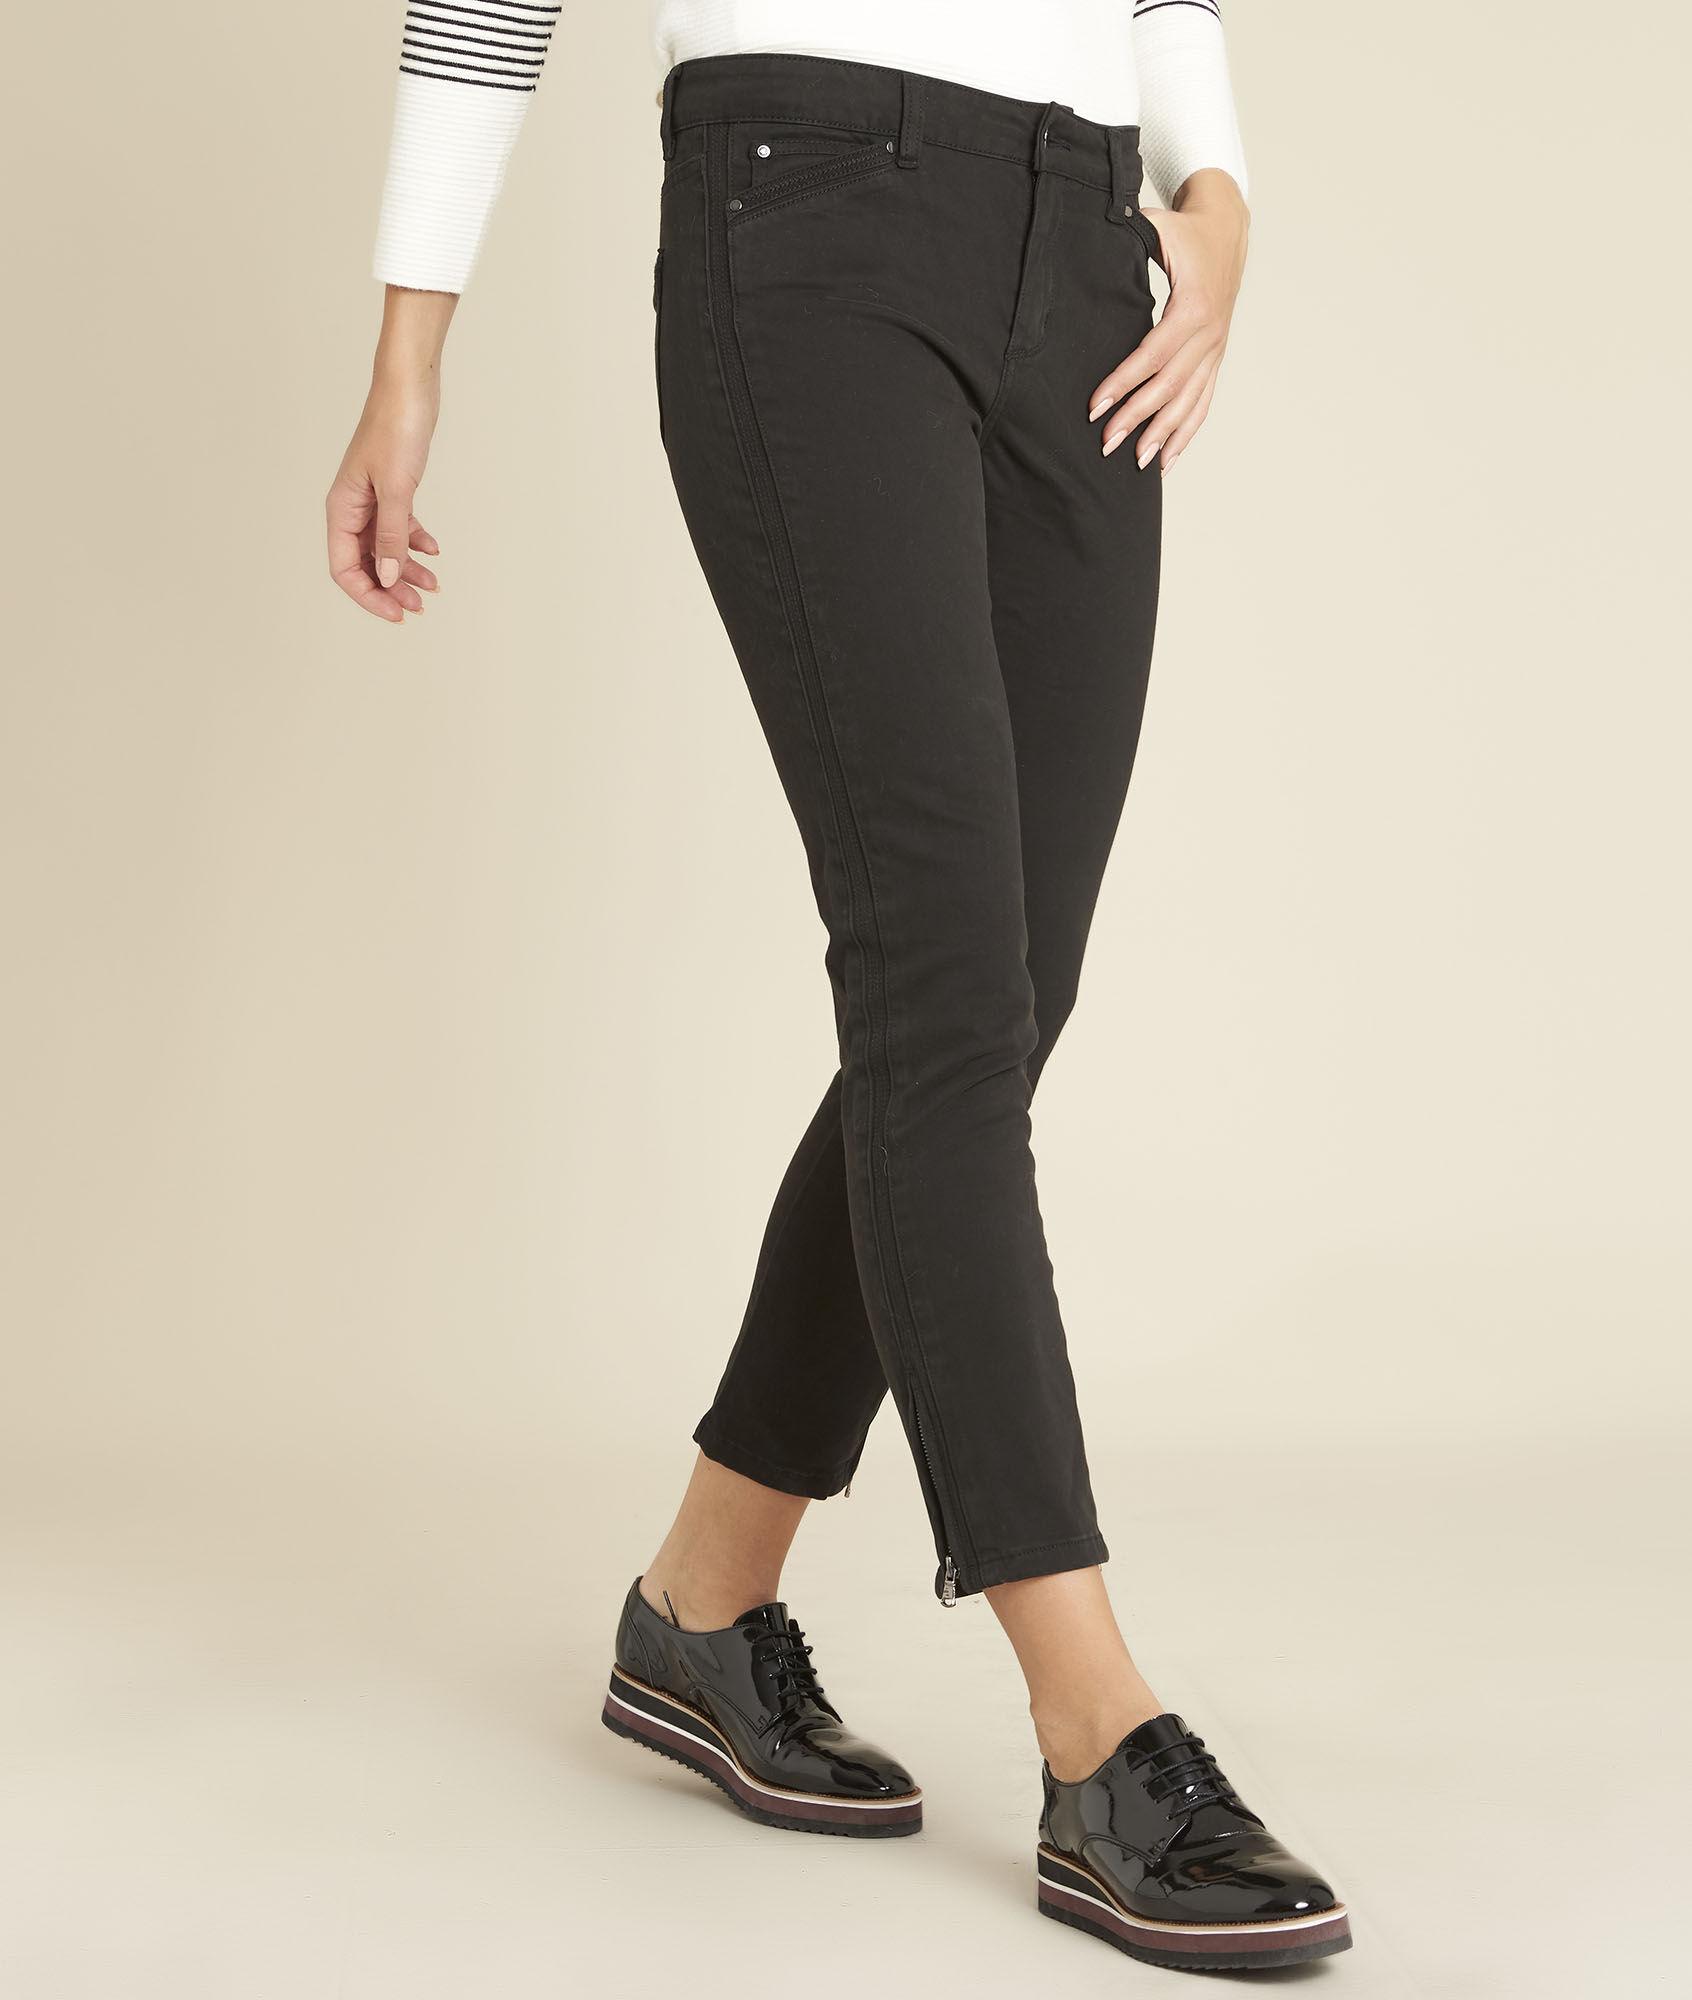 Schwarze Slim Fit Jeans mit Reißverschlüssen Opera